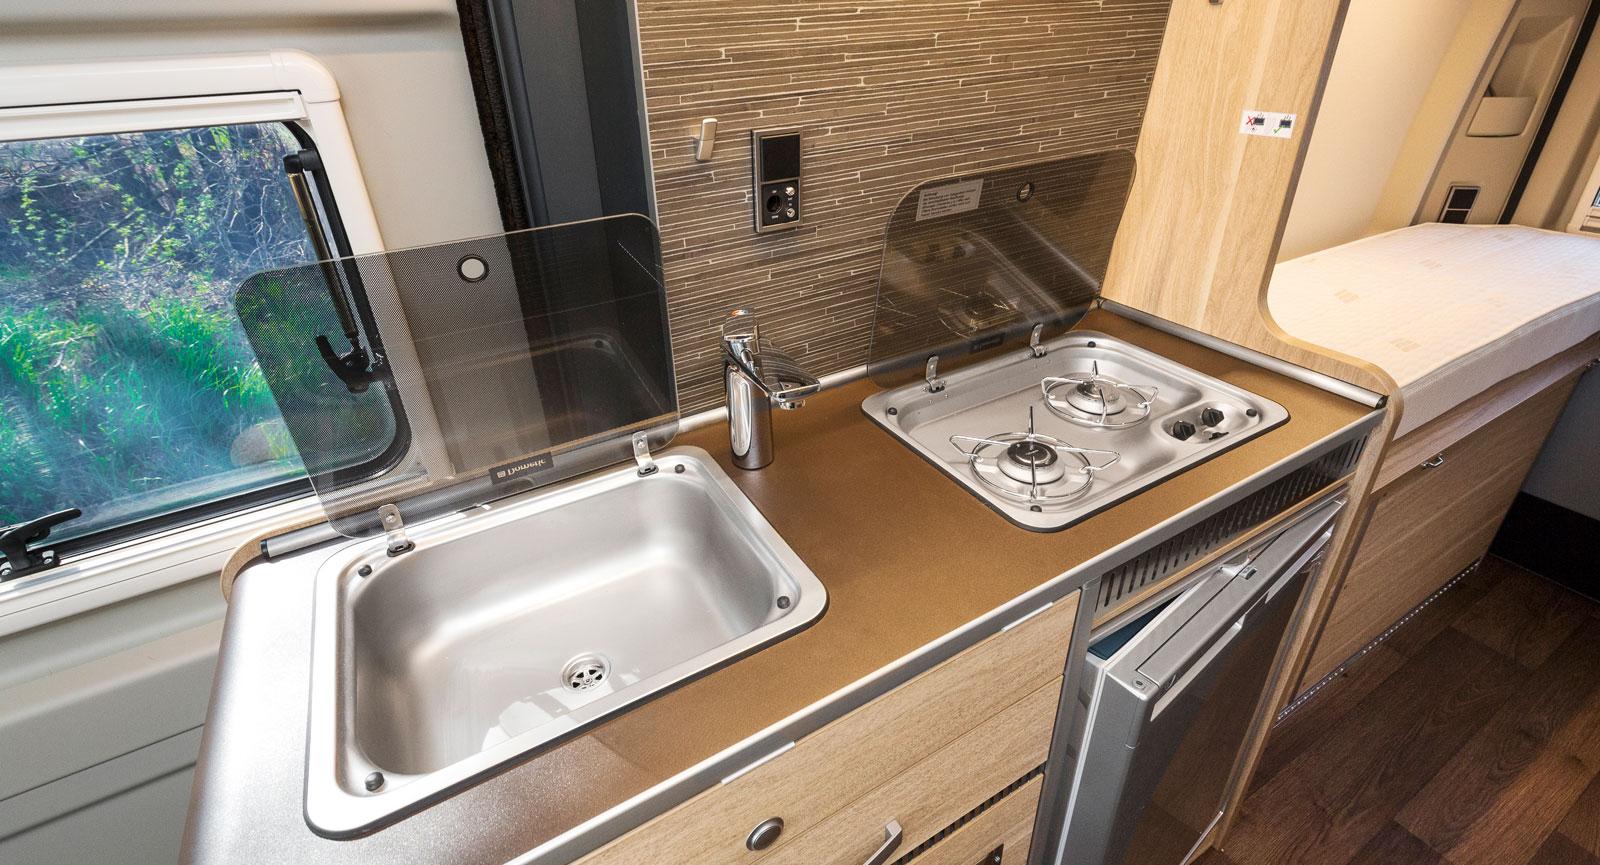 Köket är rymligt för en sexmetersbil. Fick man önska något så vore det delade täckskivor.